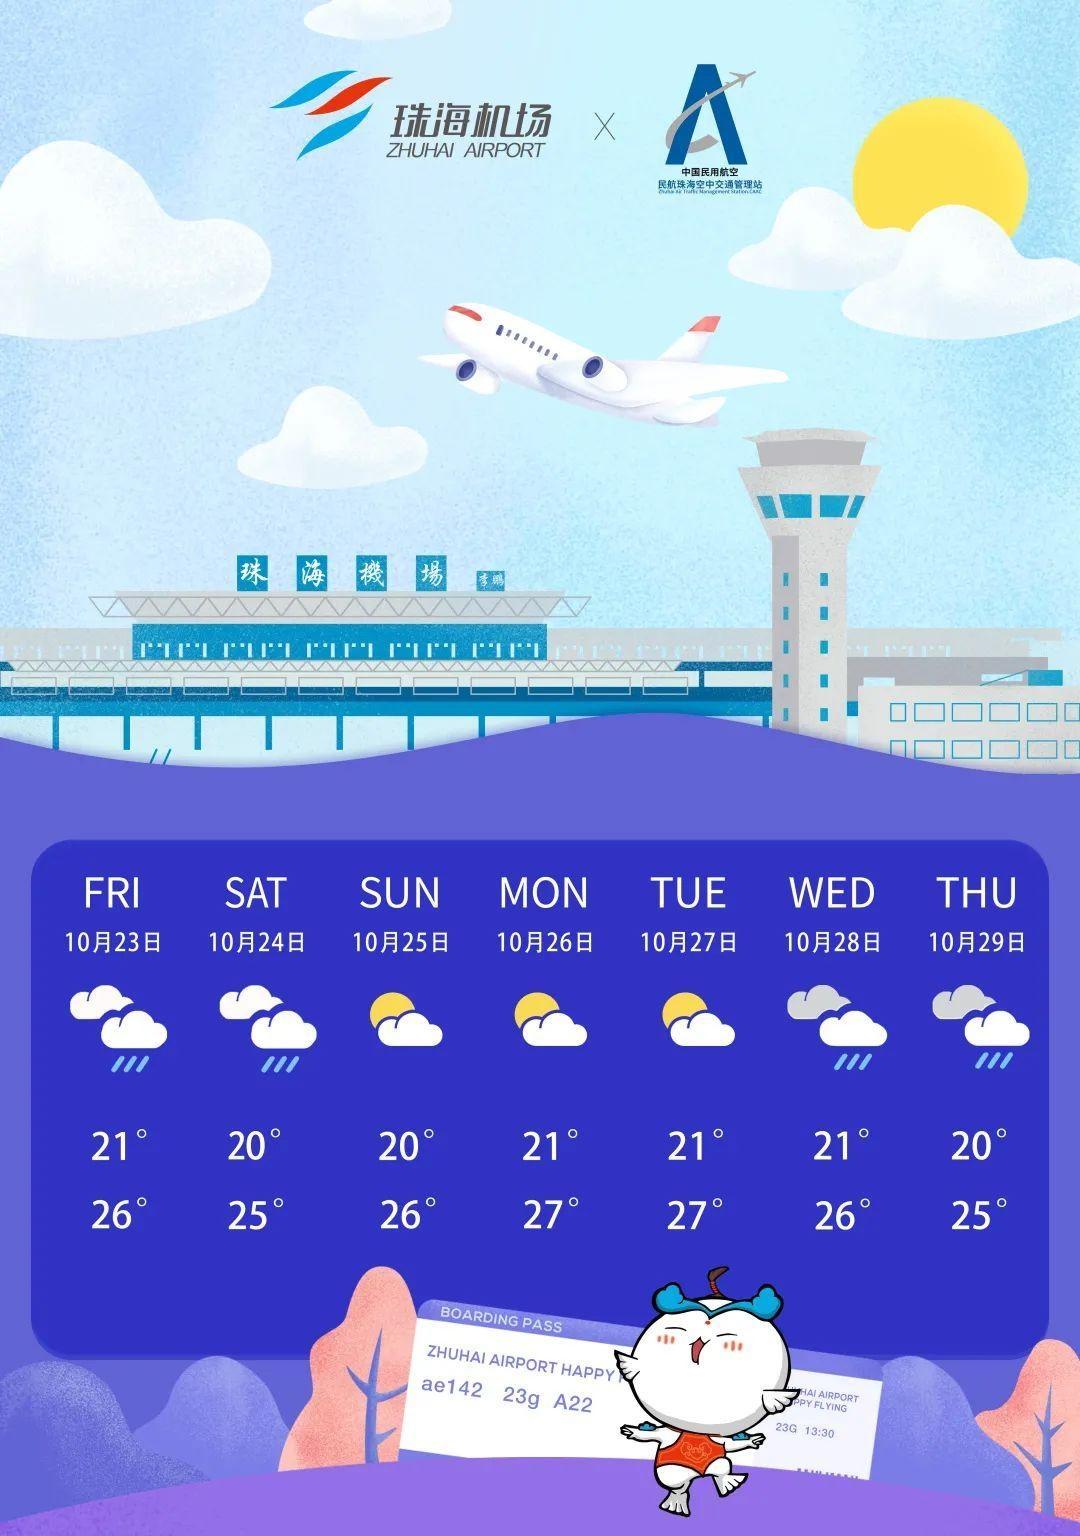 未来一周以多云为主 | 珠海机场天气早知道